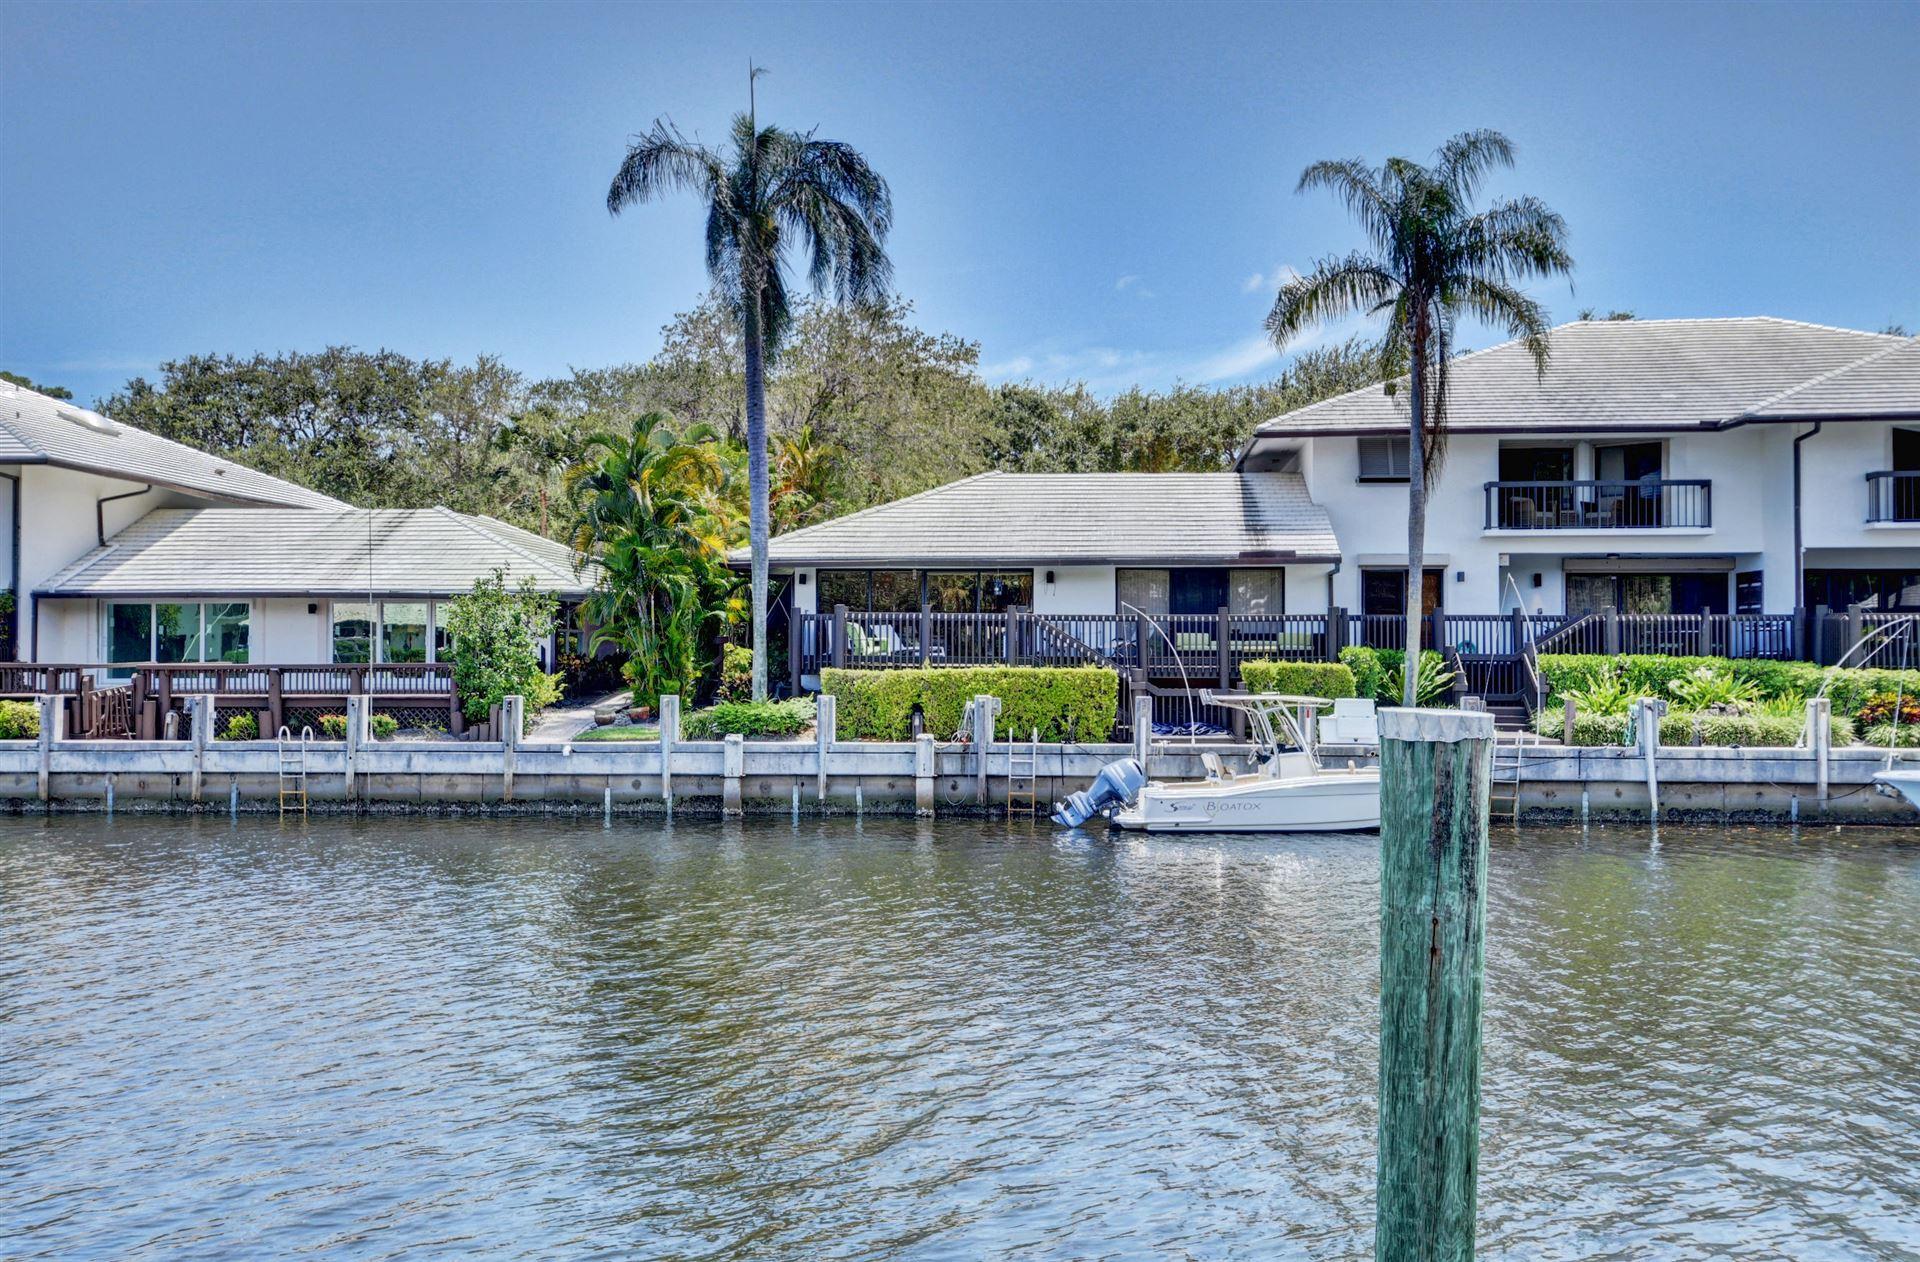 5284 Boca Marina Circle S, Boca Raton, FL 33487 - #: RX-10673992